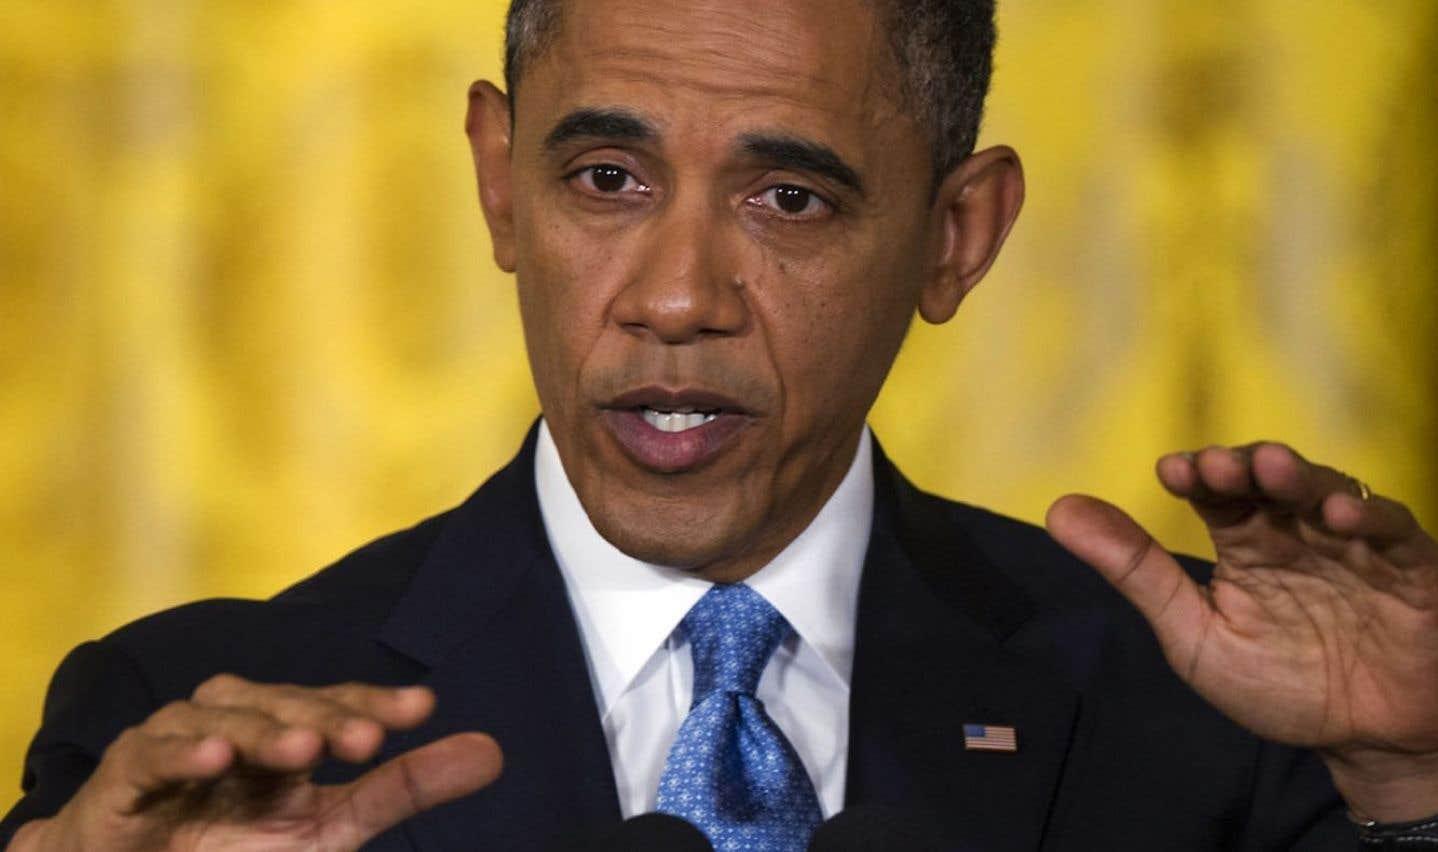 La cote d'Obama à 51% à trois jours de l'investiture